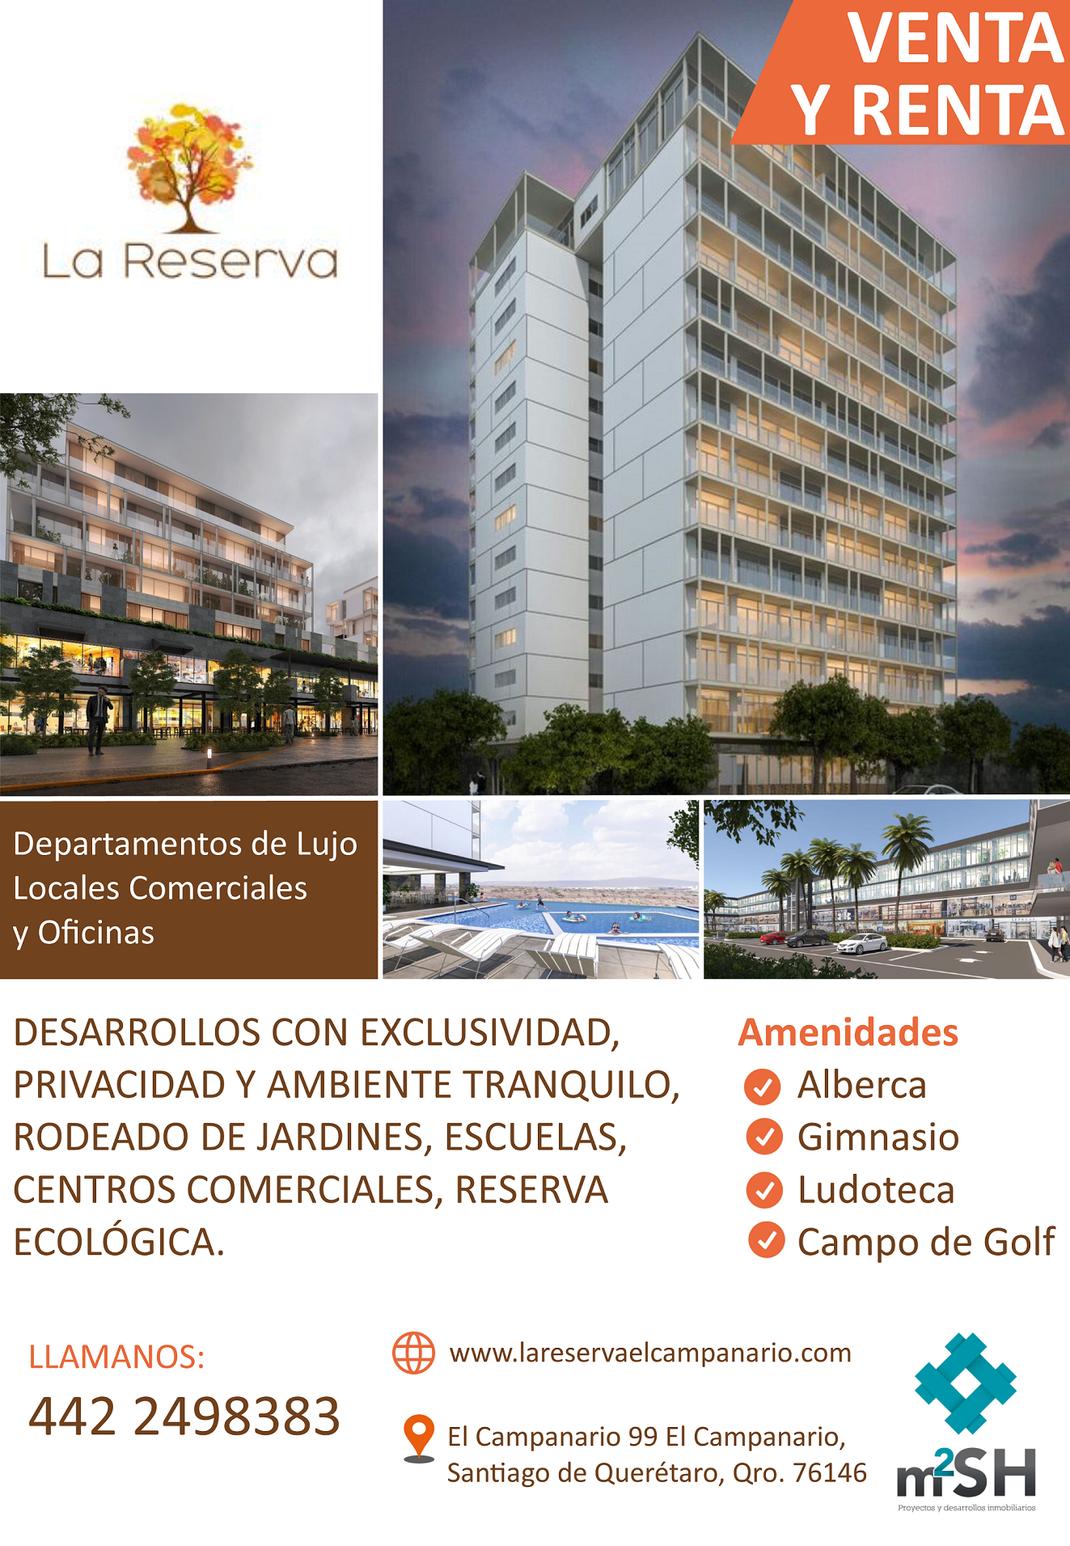 VENTA Y RENTA DE DEPARTAMENTO DE LUJO, OFICINAS Y LOCALES COMERCIAL EN QUERETARO